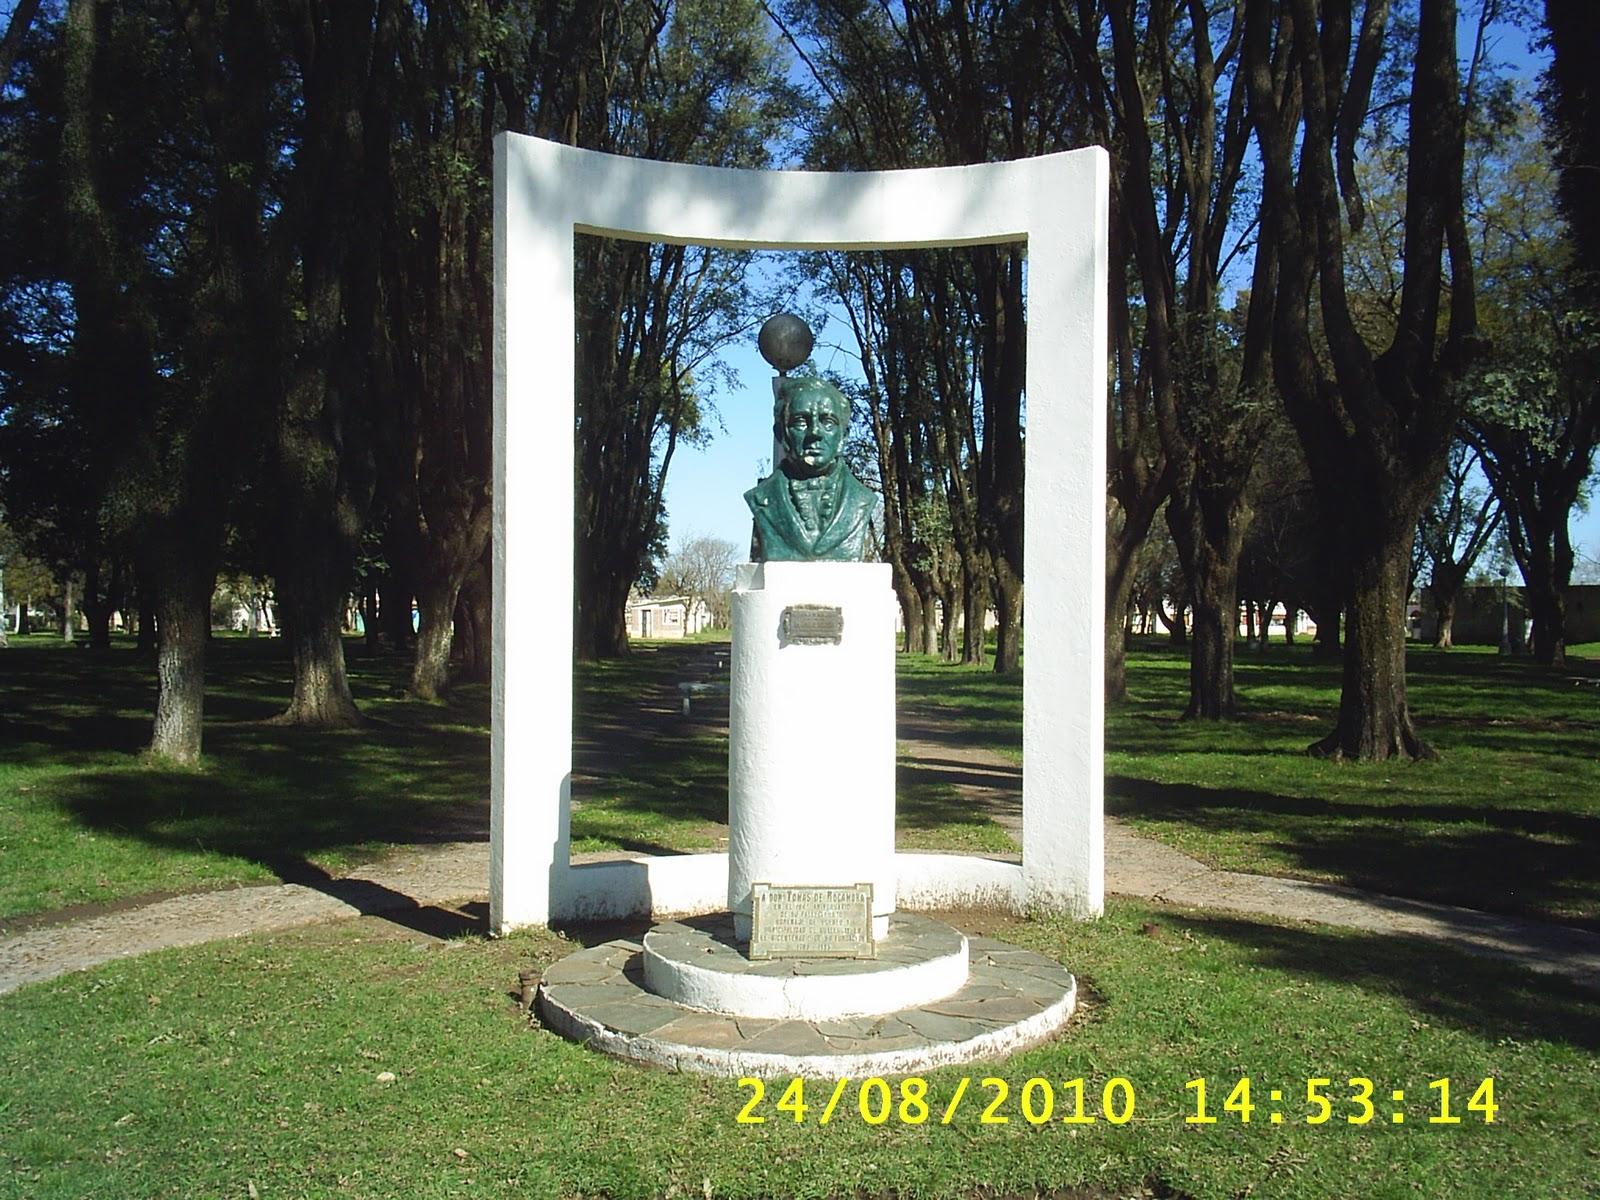 http://1.bp.blogspot.com/_Jzkf4aBMy54/TKciPxIMMKI/AAAAAAAAAD4/N0XCvUS8y5U/s1600/S3010043.JPG